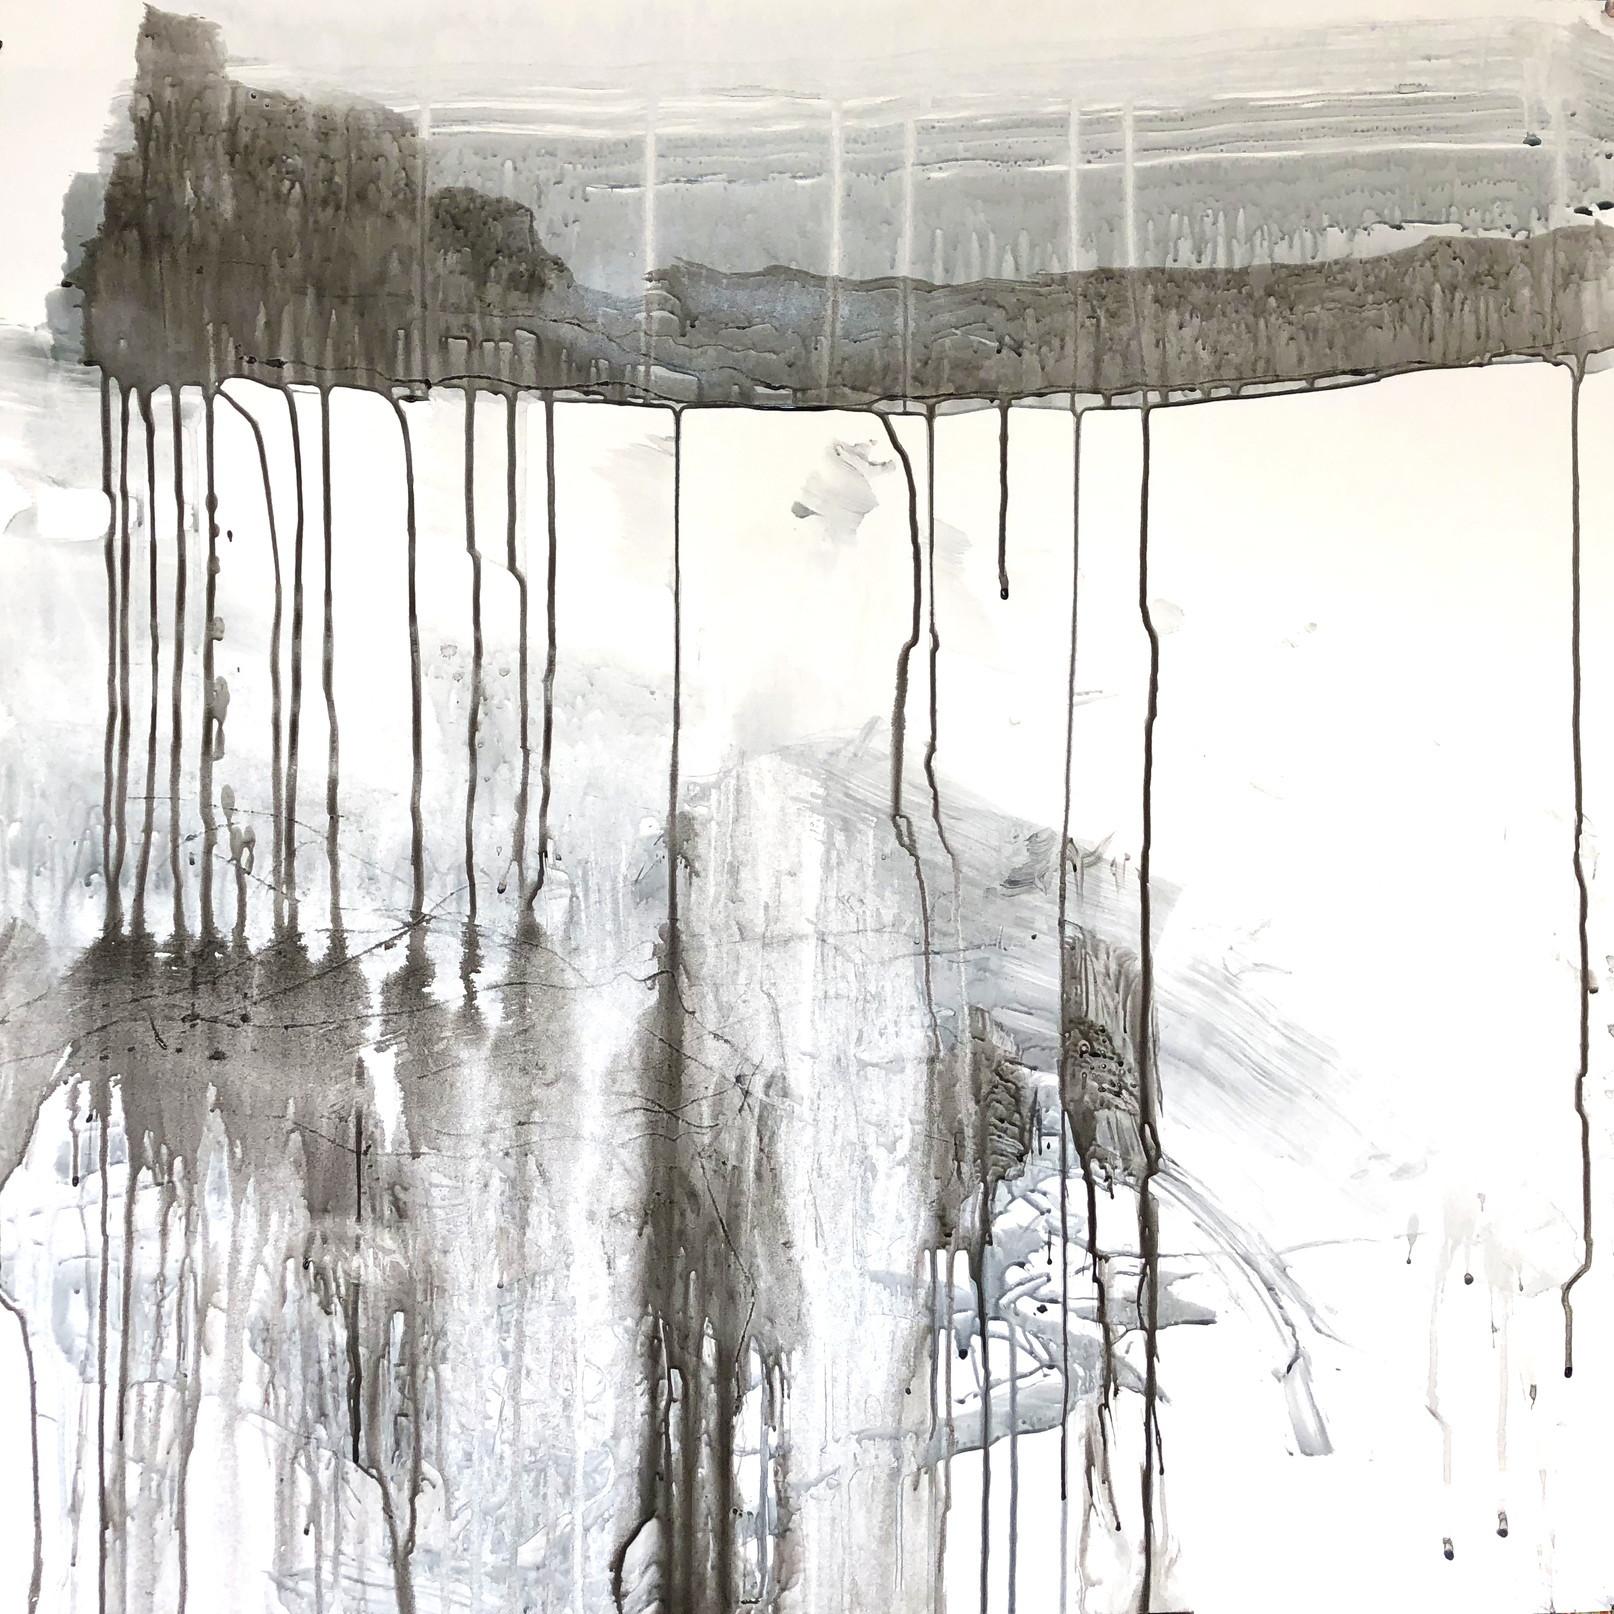 絵画 インテリア アートパネル 雑貨 壁掛け 置物 おしゃれ 抽象画 現代アート ロココロ 画家 : tamajapan 作品 : t-38